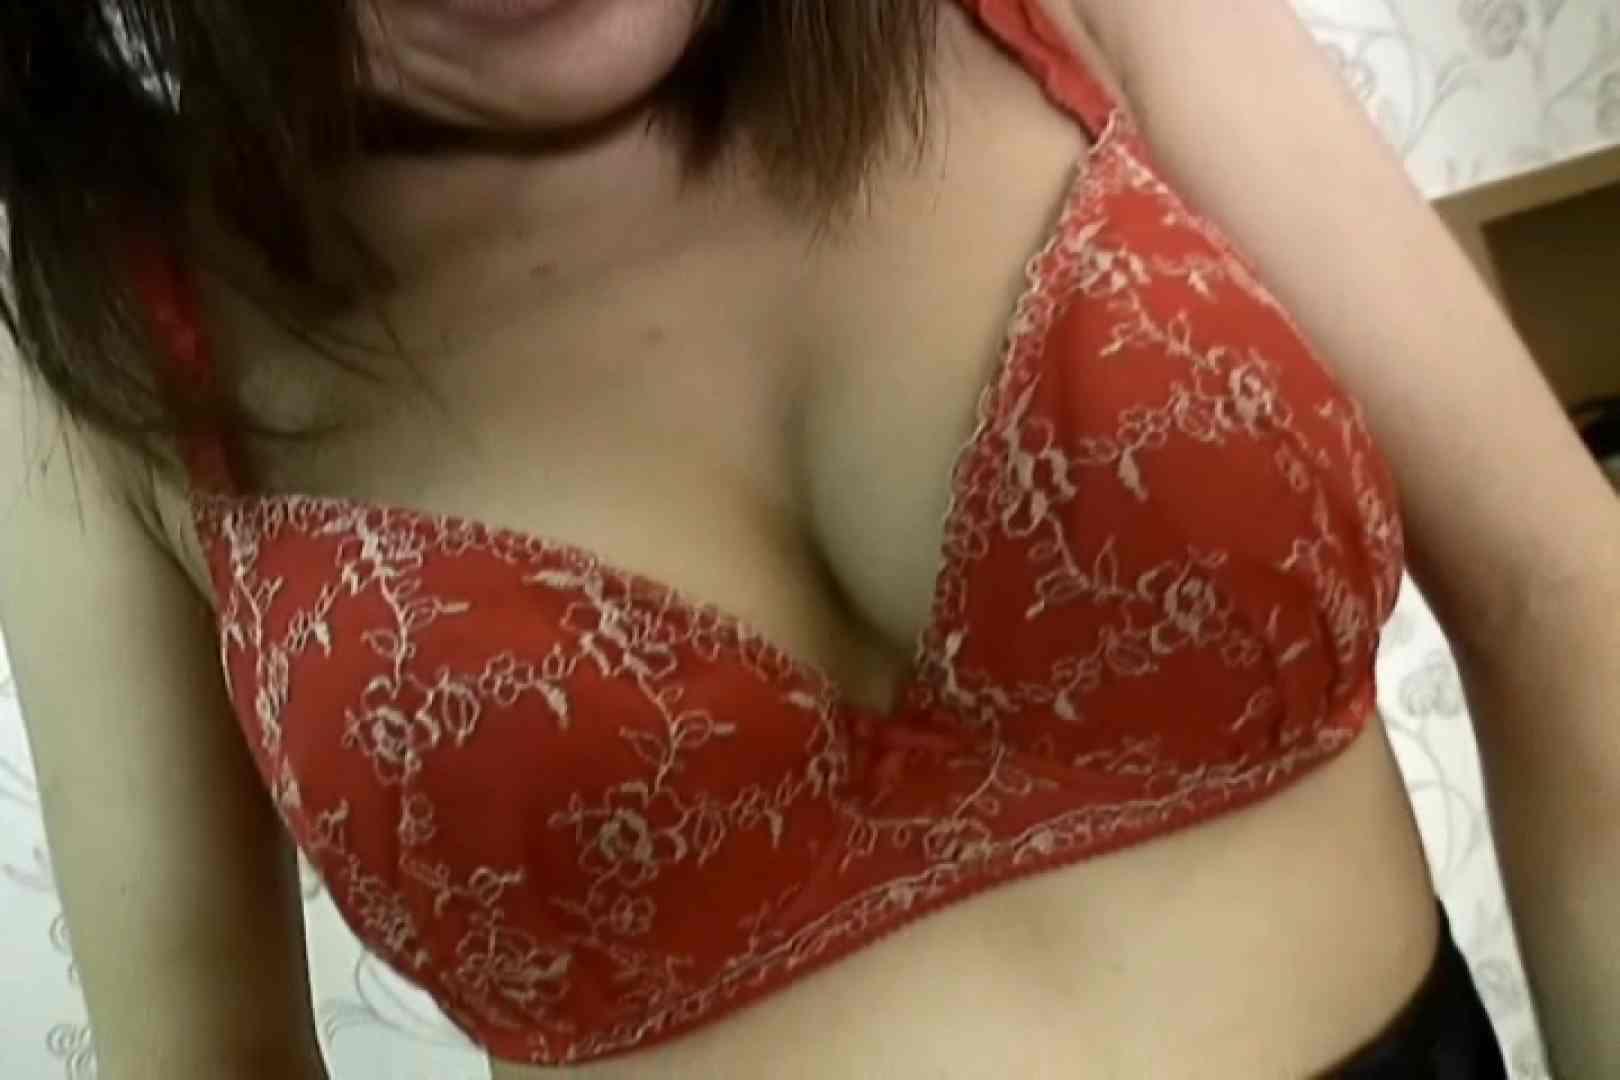 素人ナンパ本番撮り!出会い系でGET!Vol.14 シャワー中 | 素人達のヌード  58連発 9